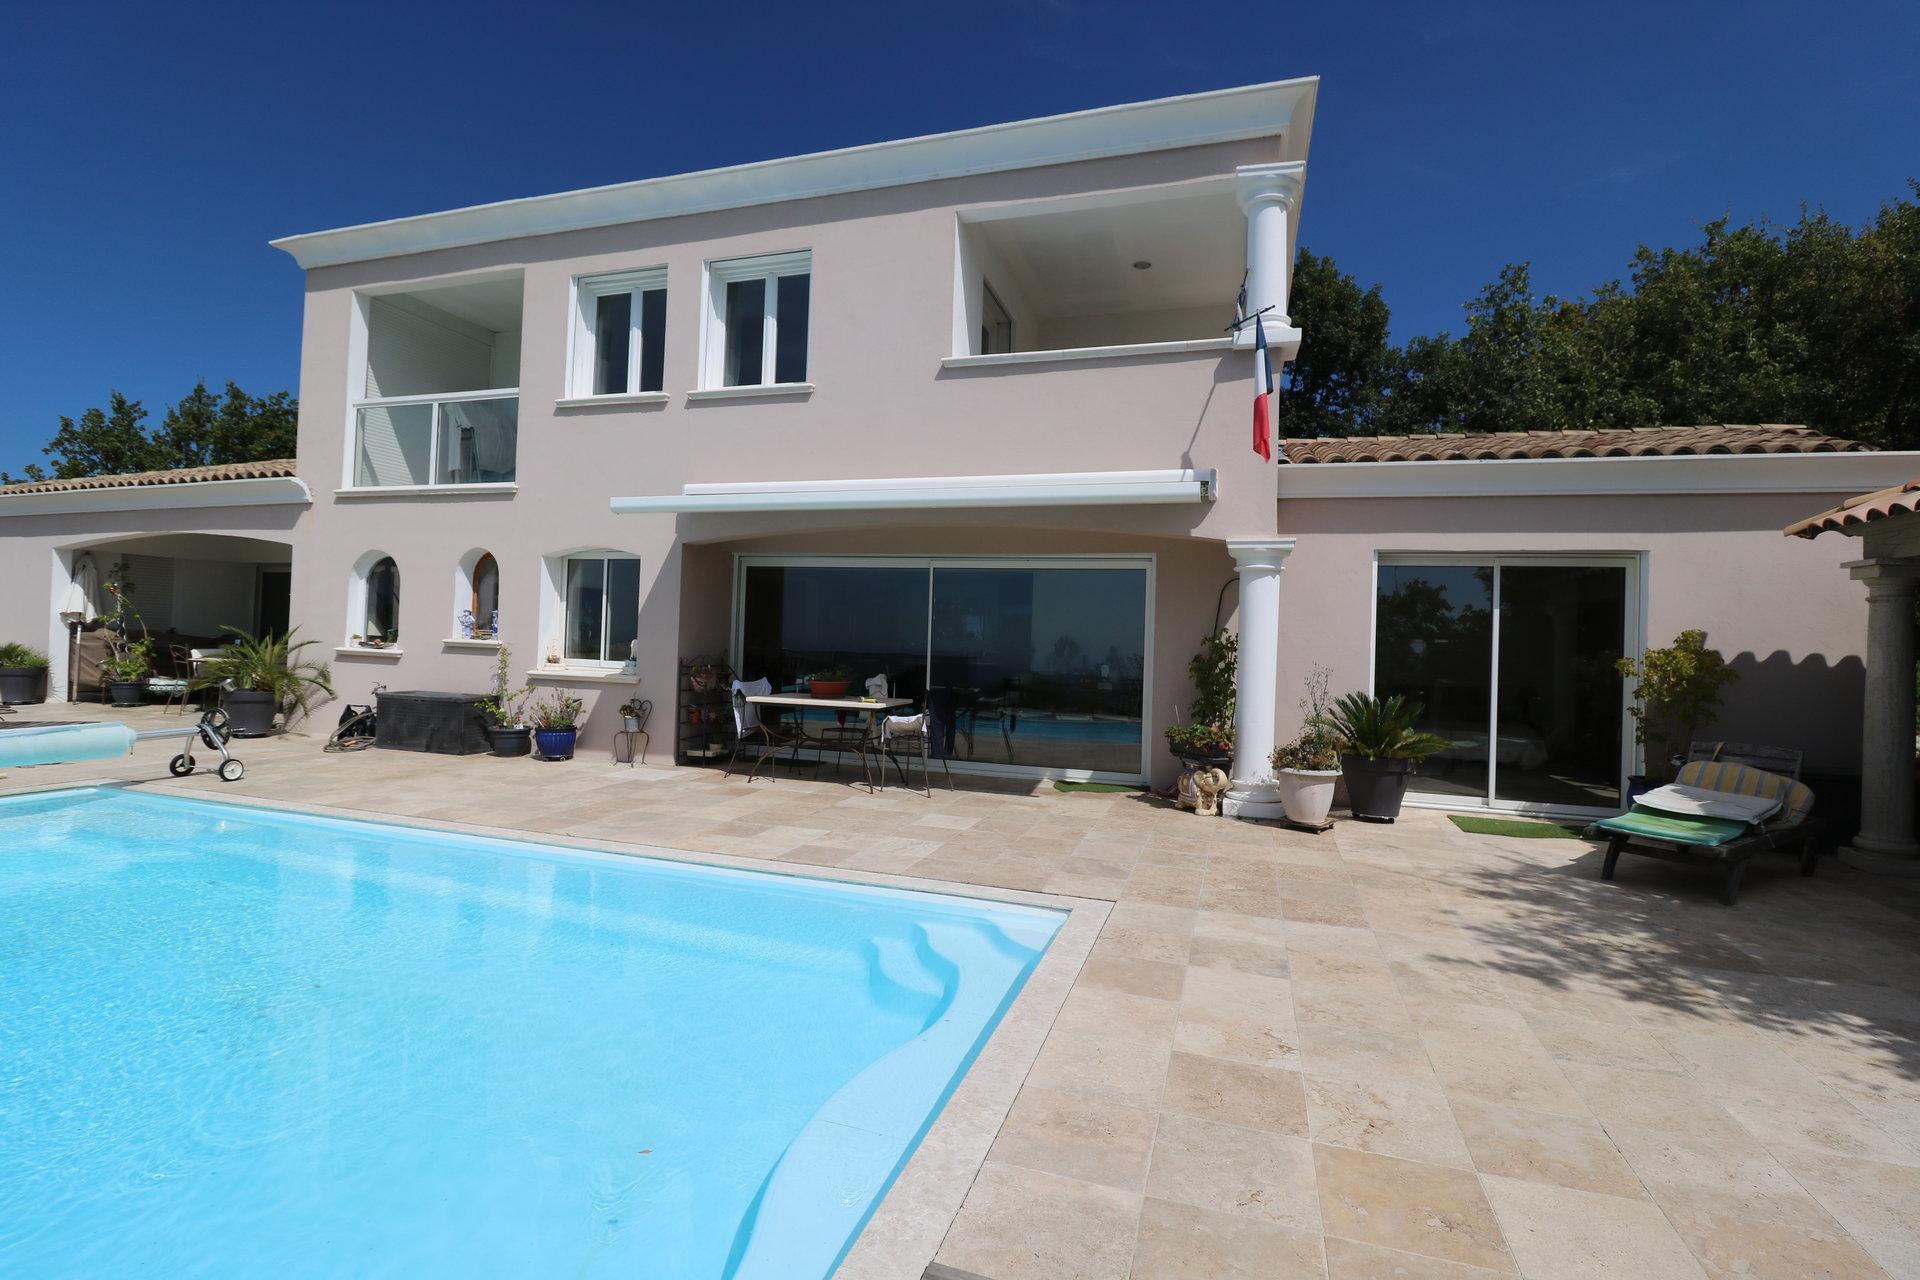 Vendita Villa - Nizza (Nice)